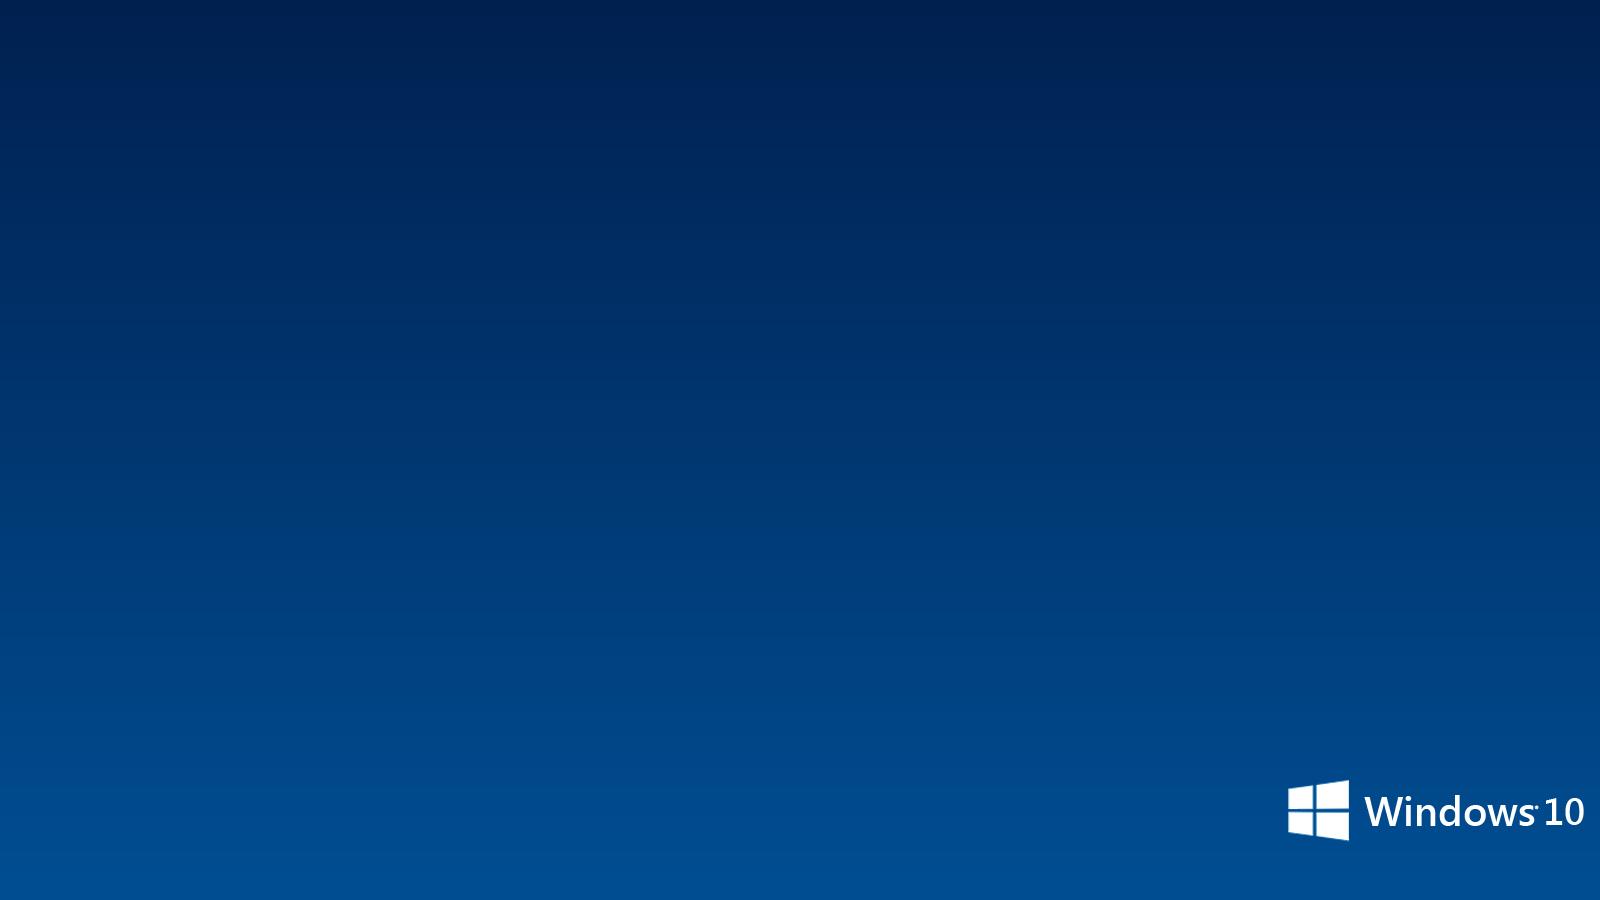 Blue Windows 10 Wallpaper PC 9524 Wallpaper High Resolution 1600x900